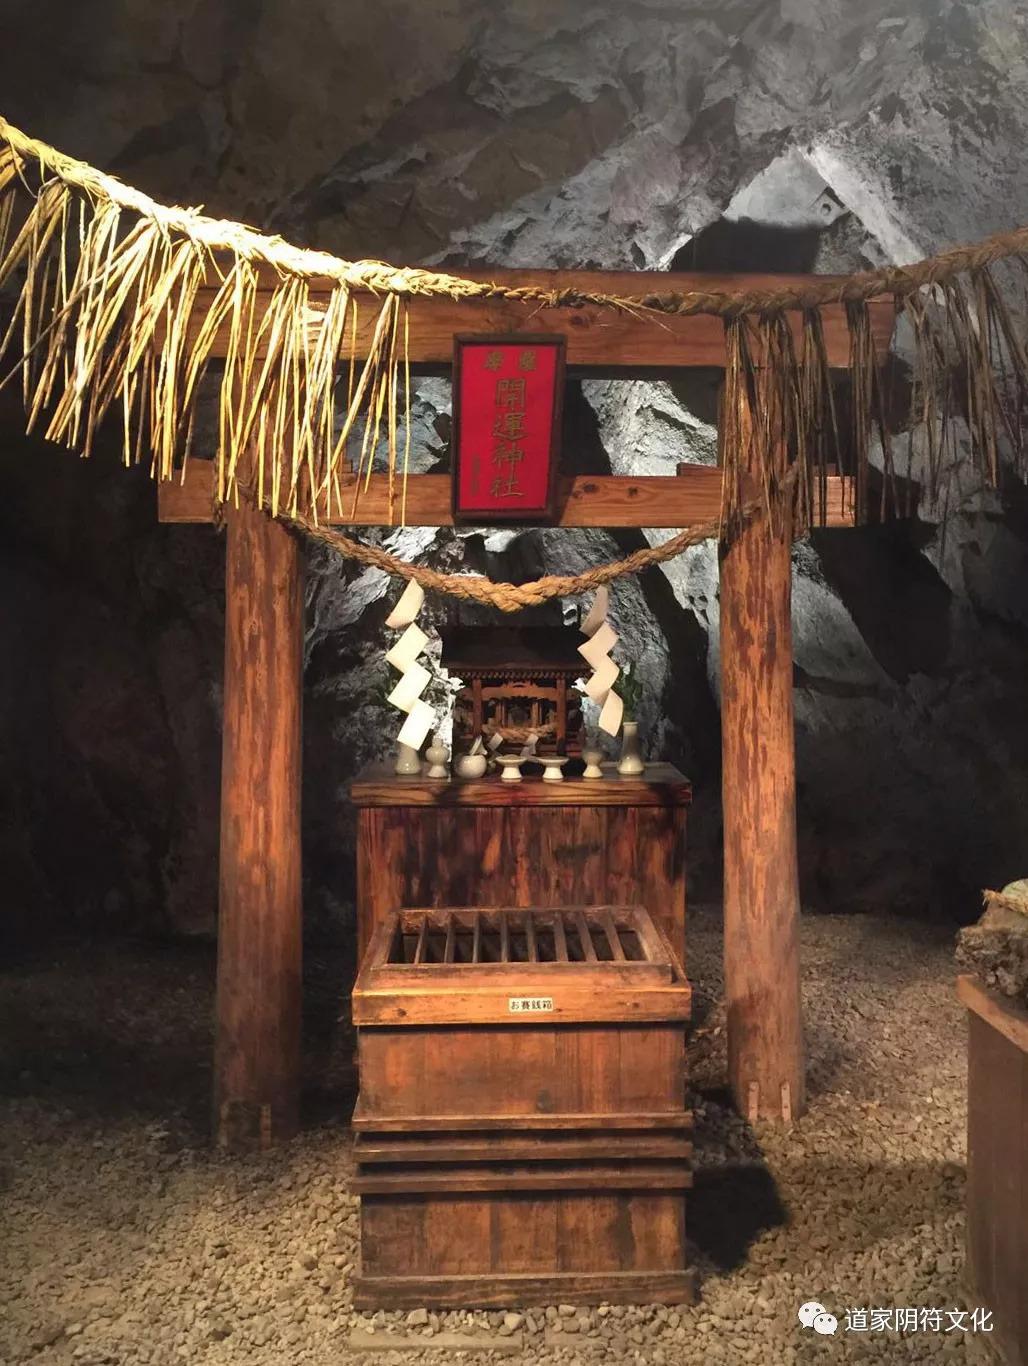 道家阴符派博客--东瀛鹿儿岛(4):金山藏酒窖--云游 4